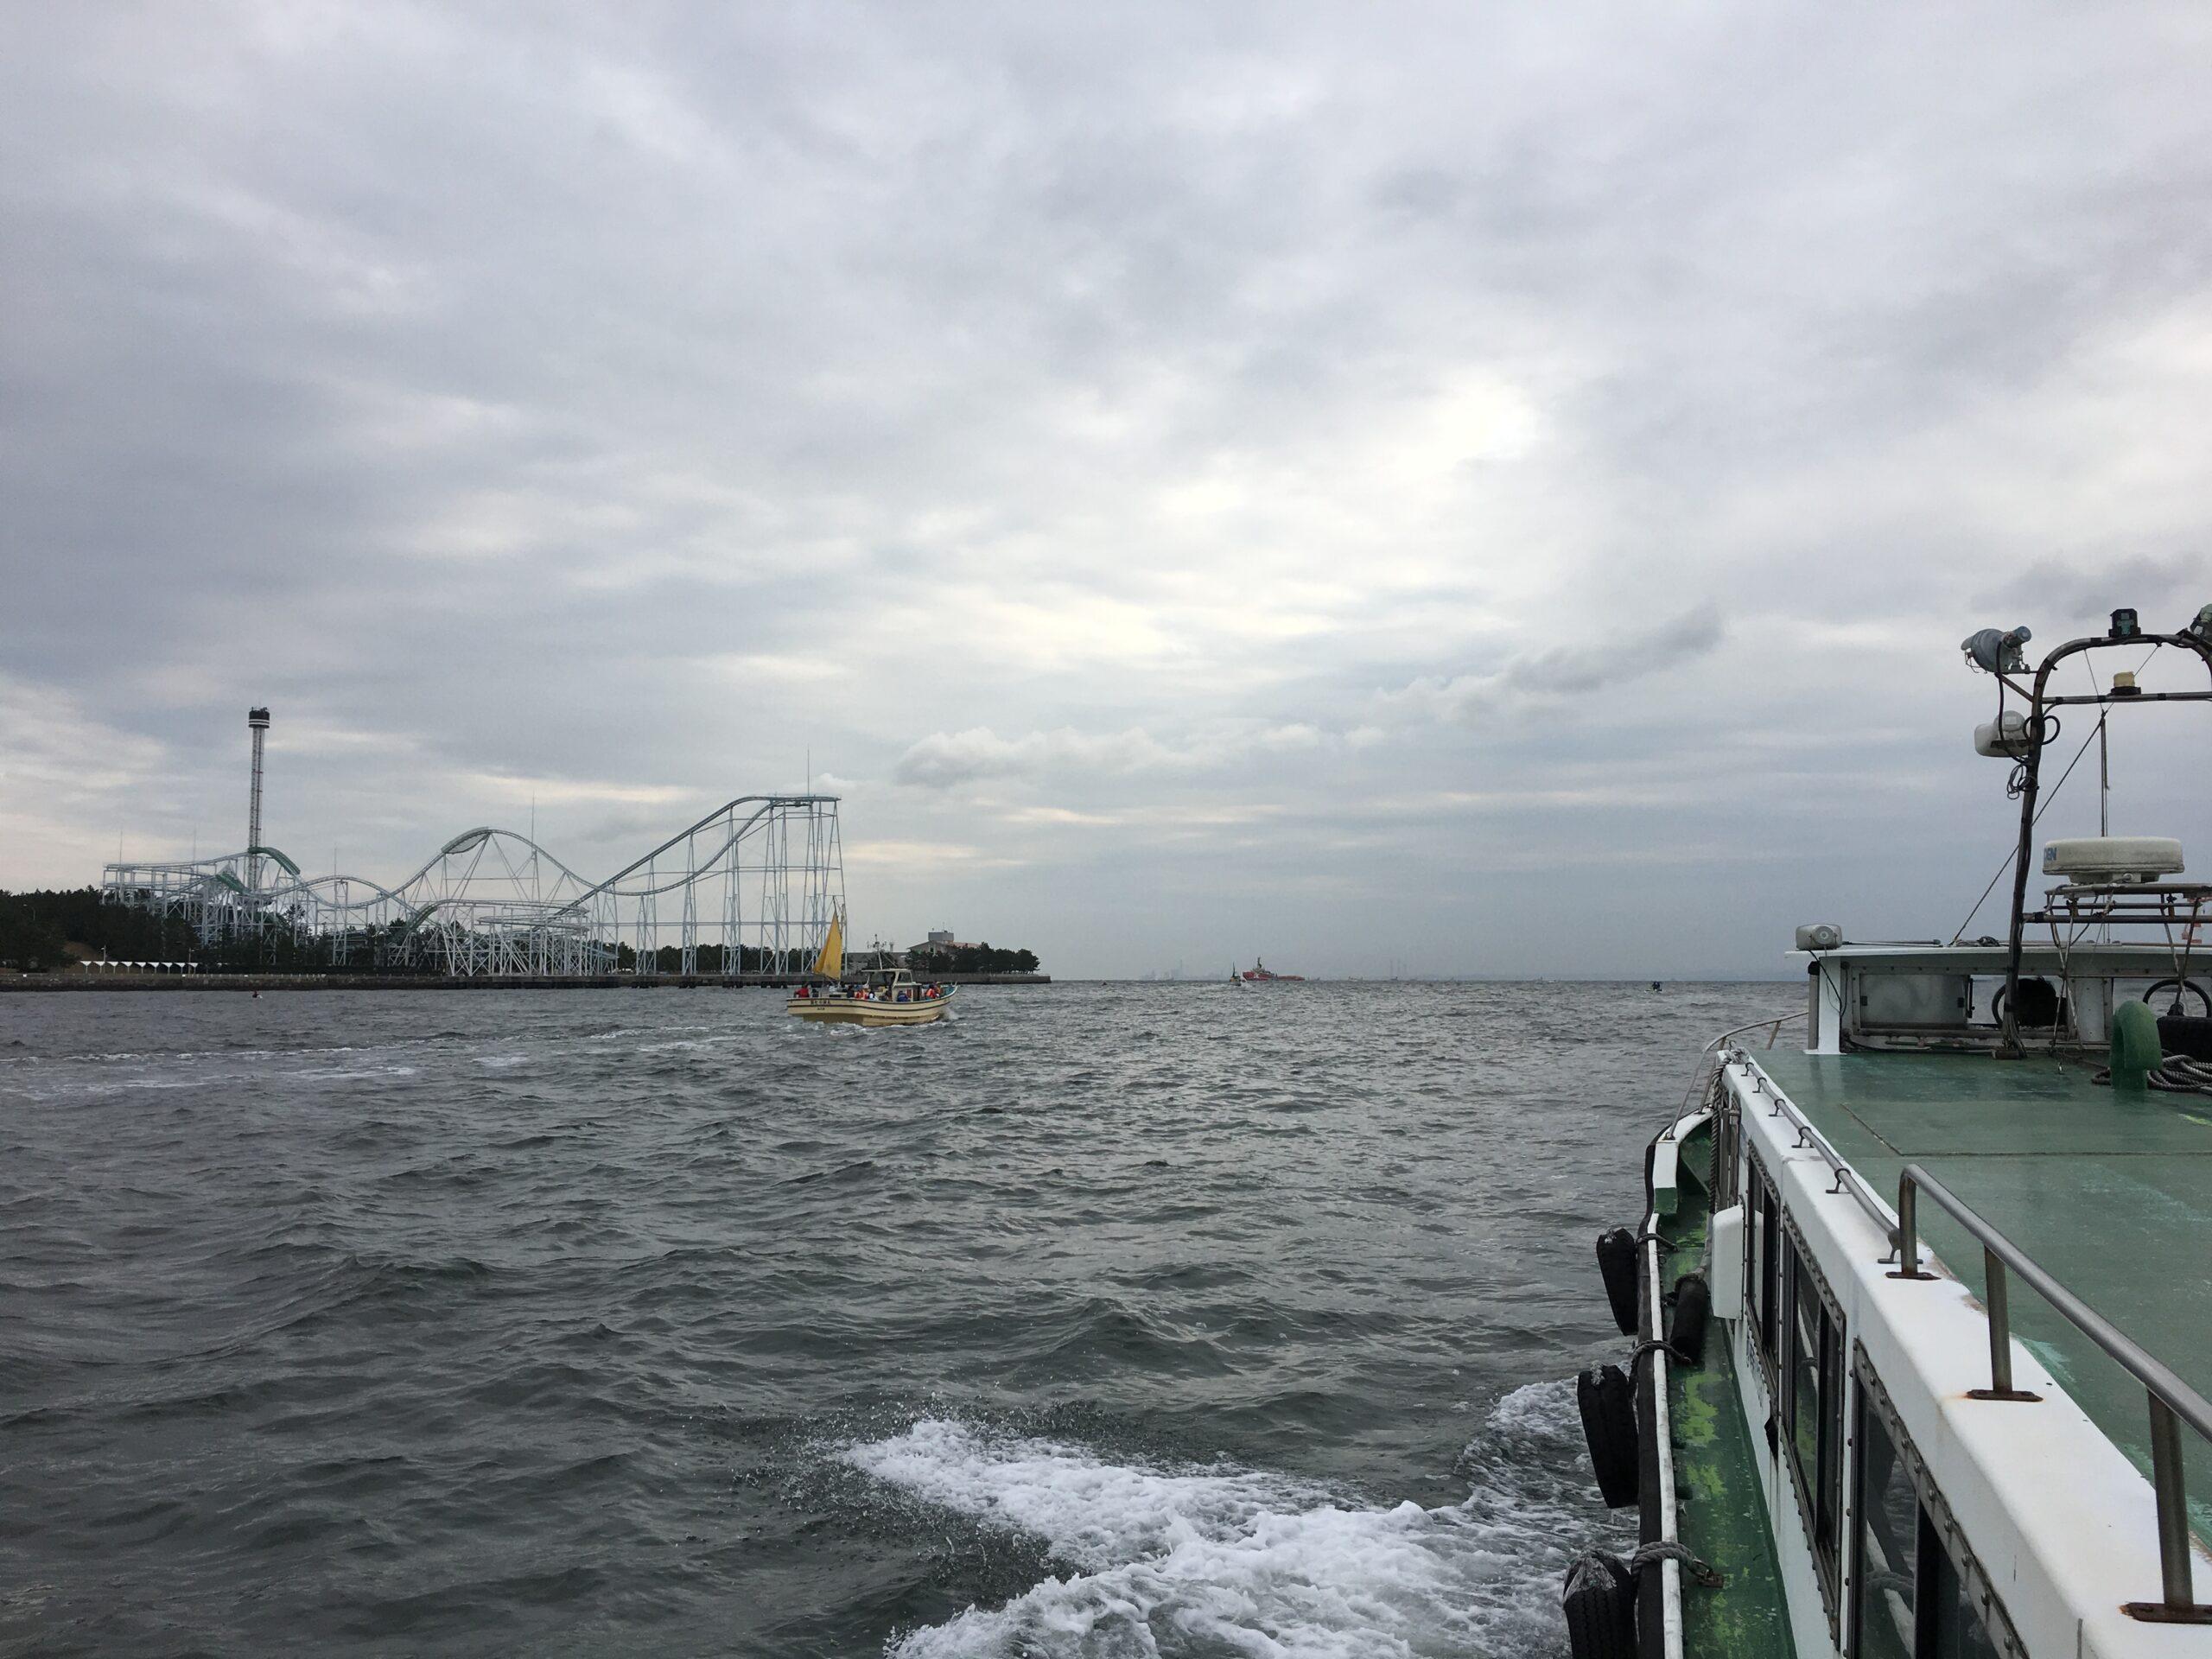 横濱野島堤防にて 忘れ物ばかりそれは大物と数釣りの予感〜その1